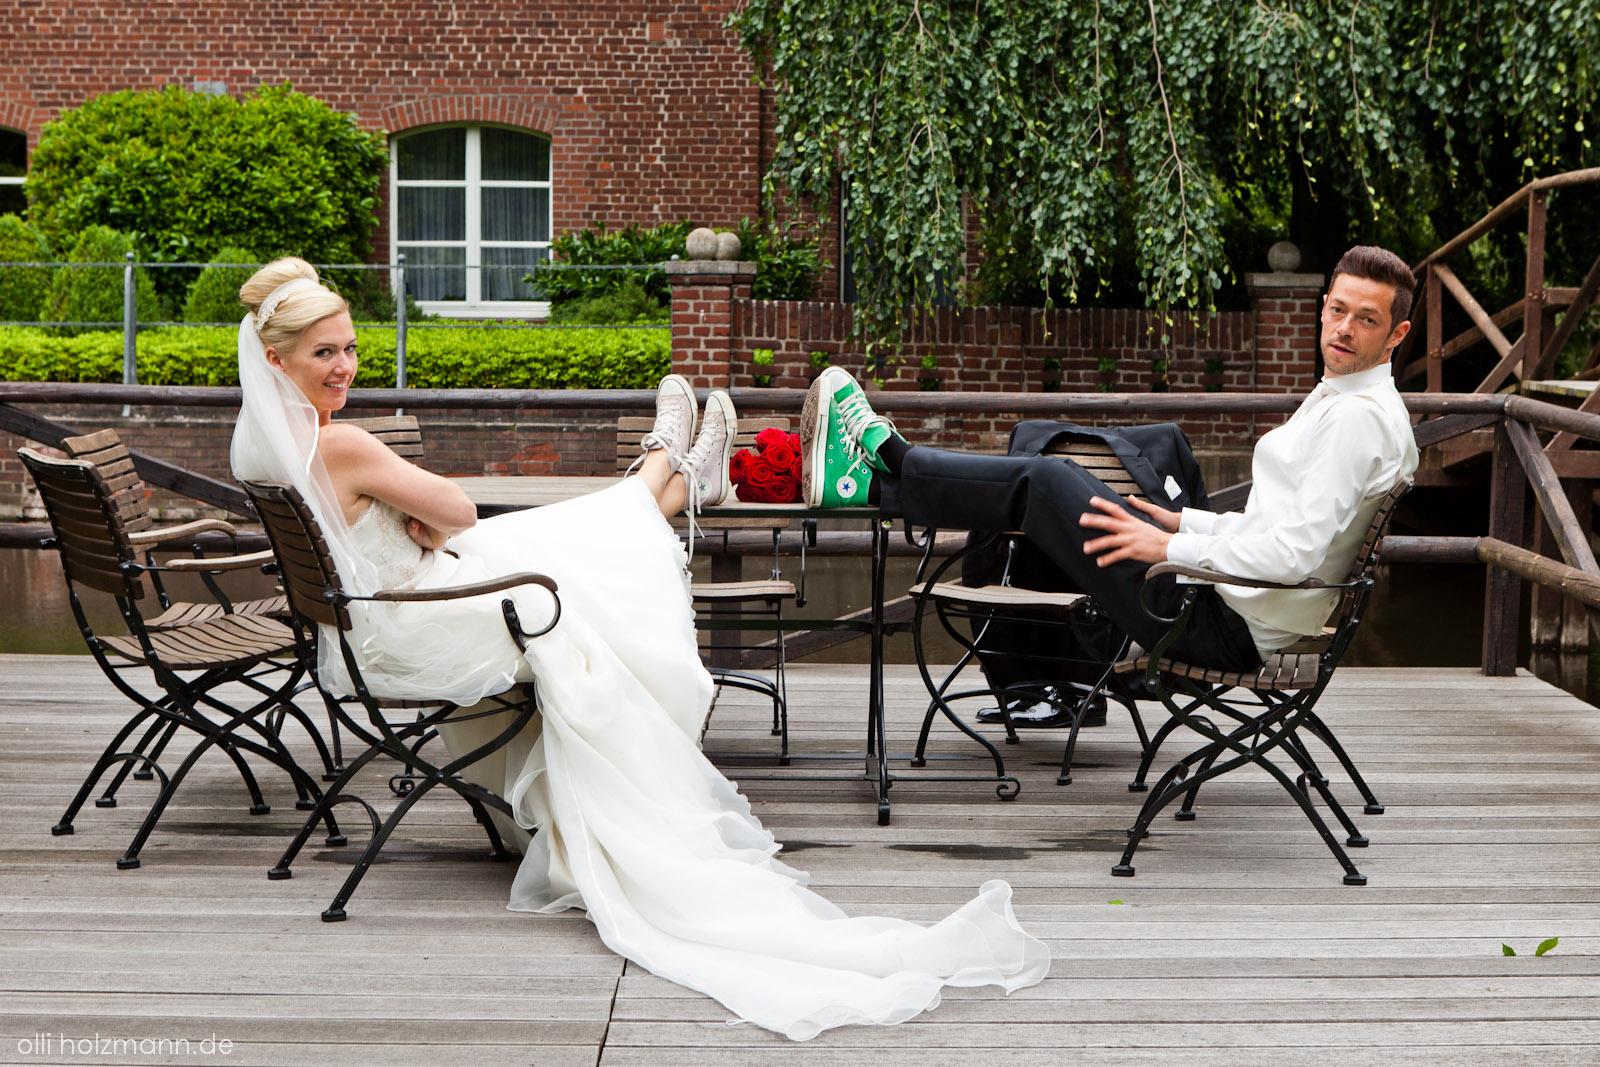 Britta und Saschas Lieblingsbild